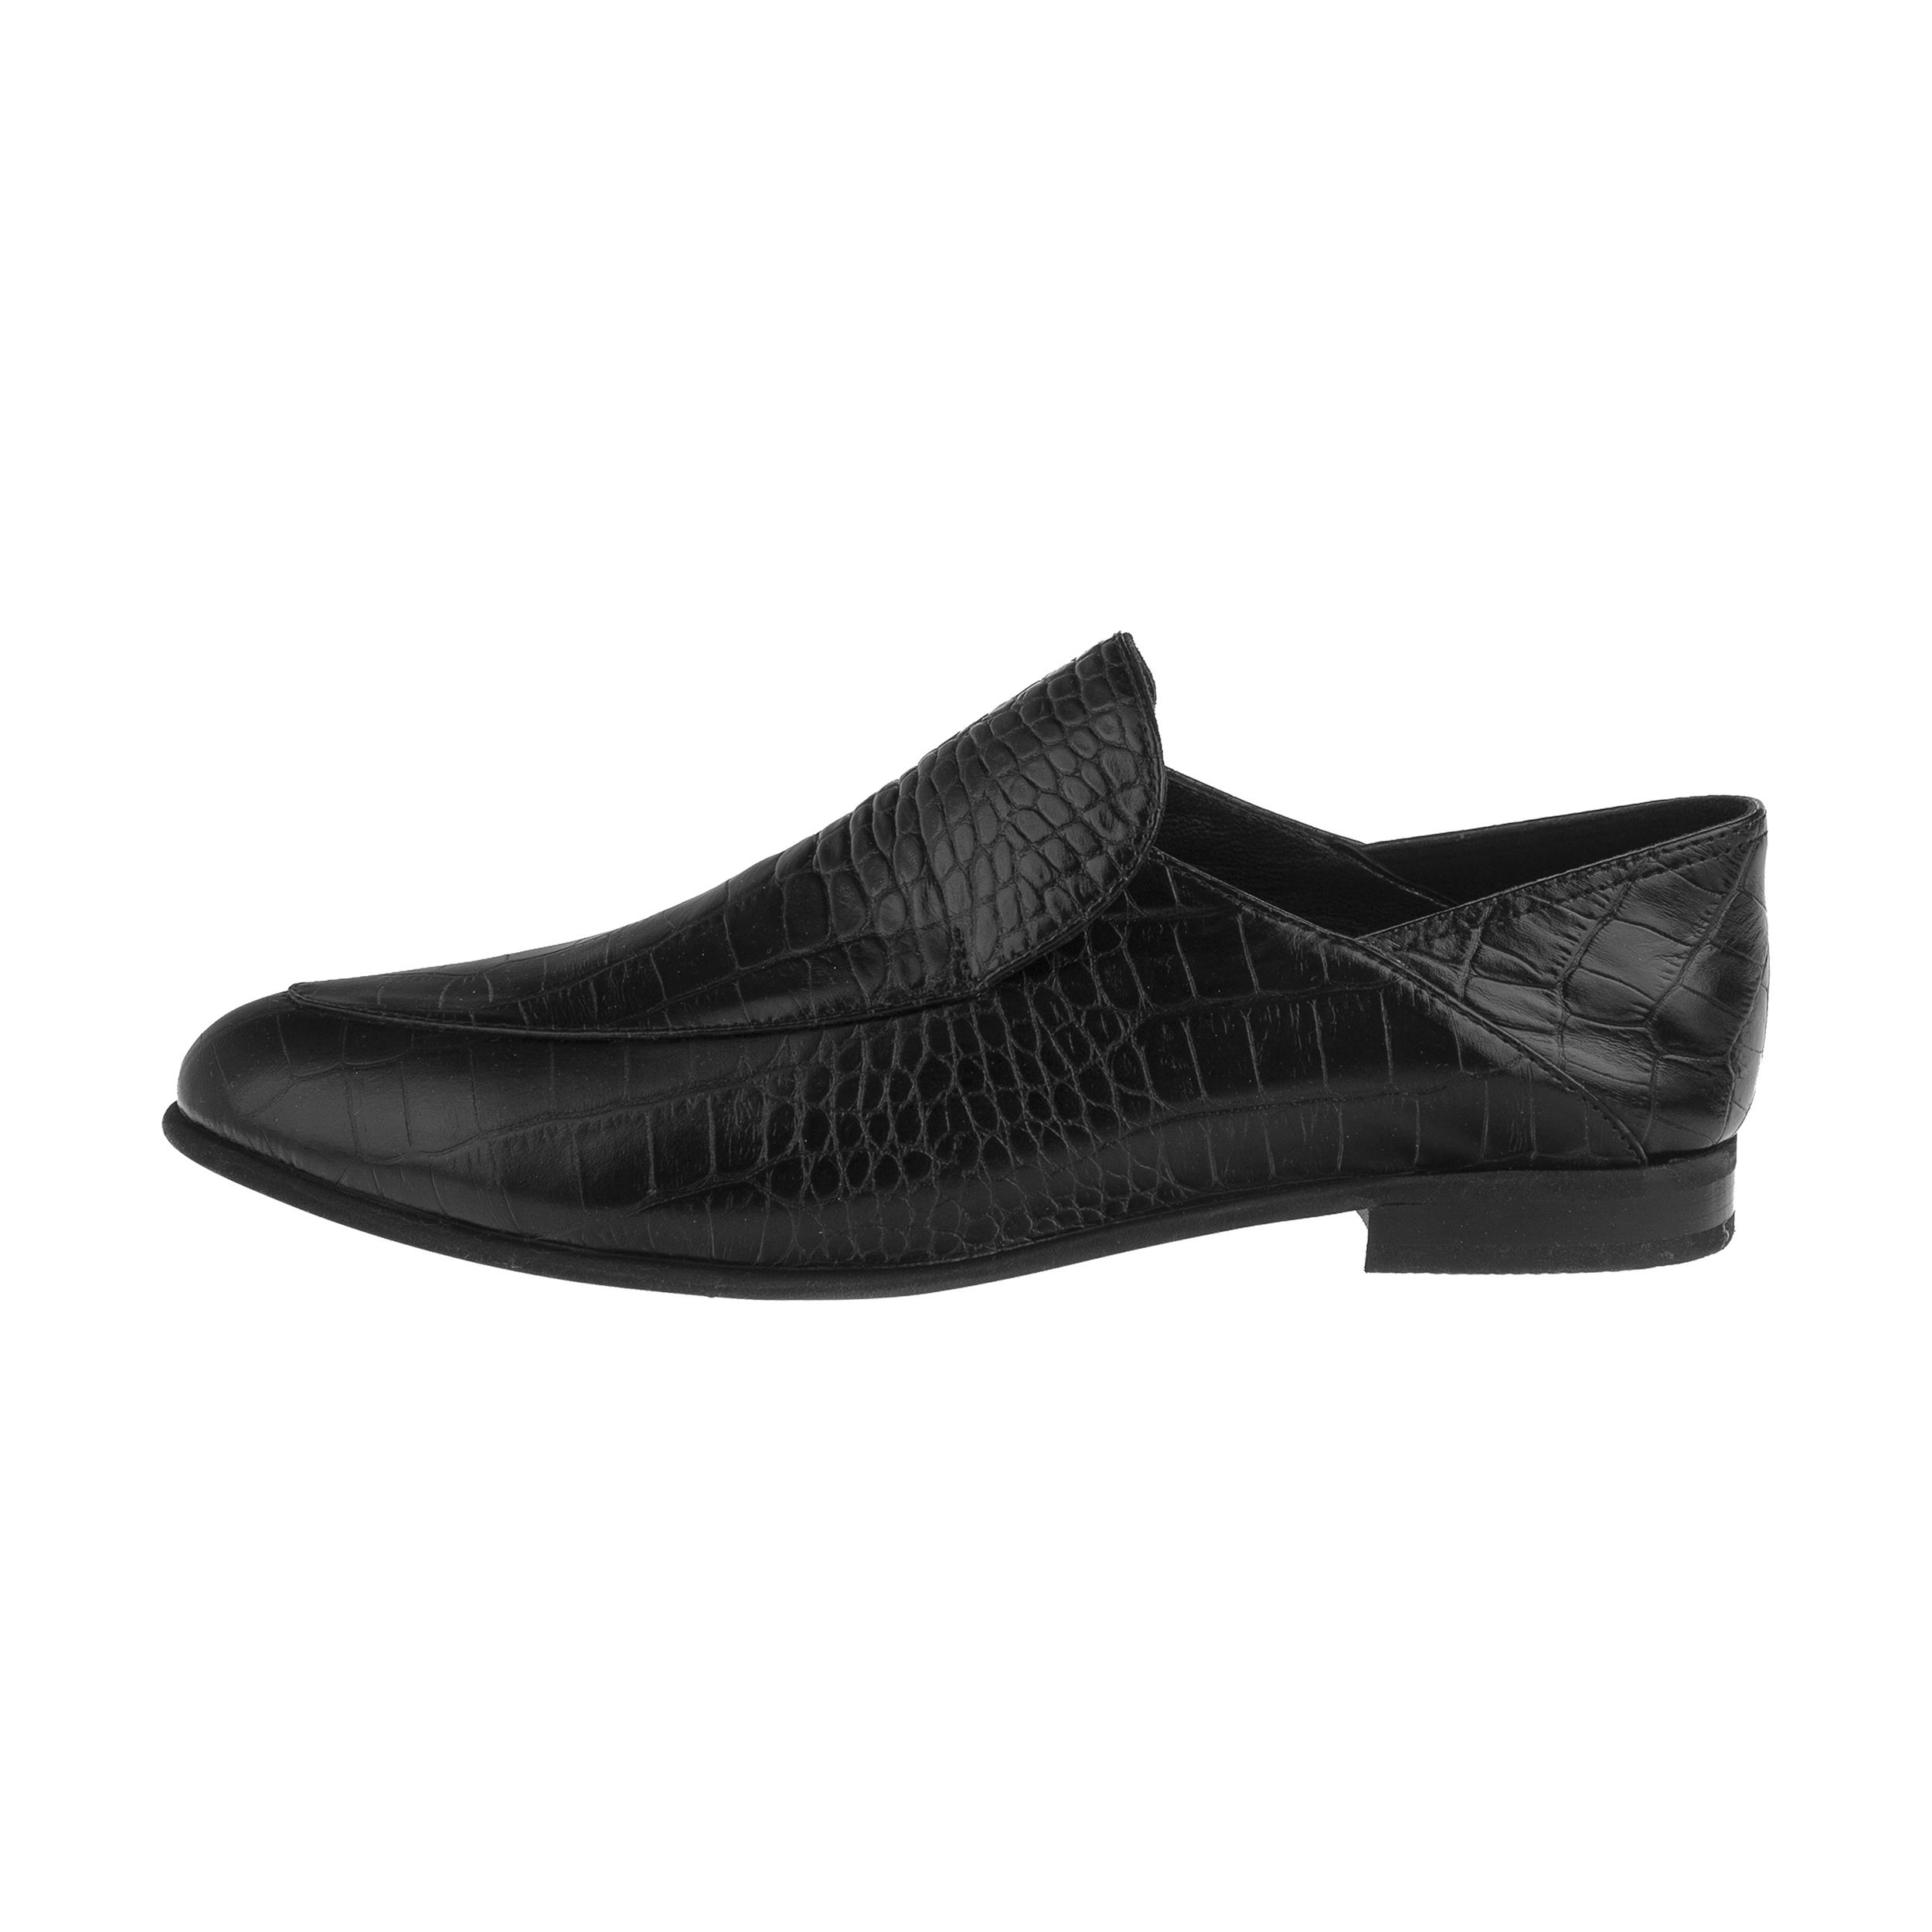 کفش زنانه آرتمن مدل saffira 2-35628